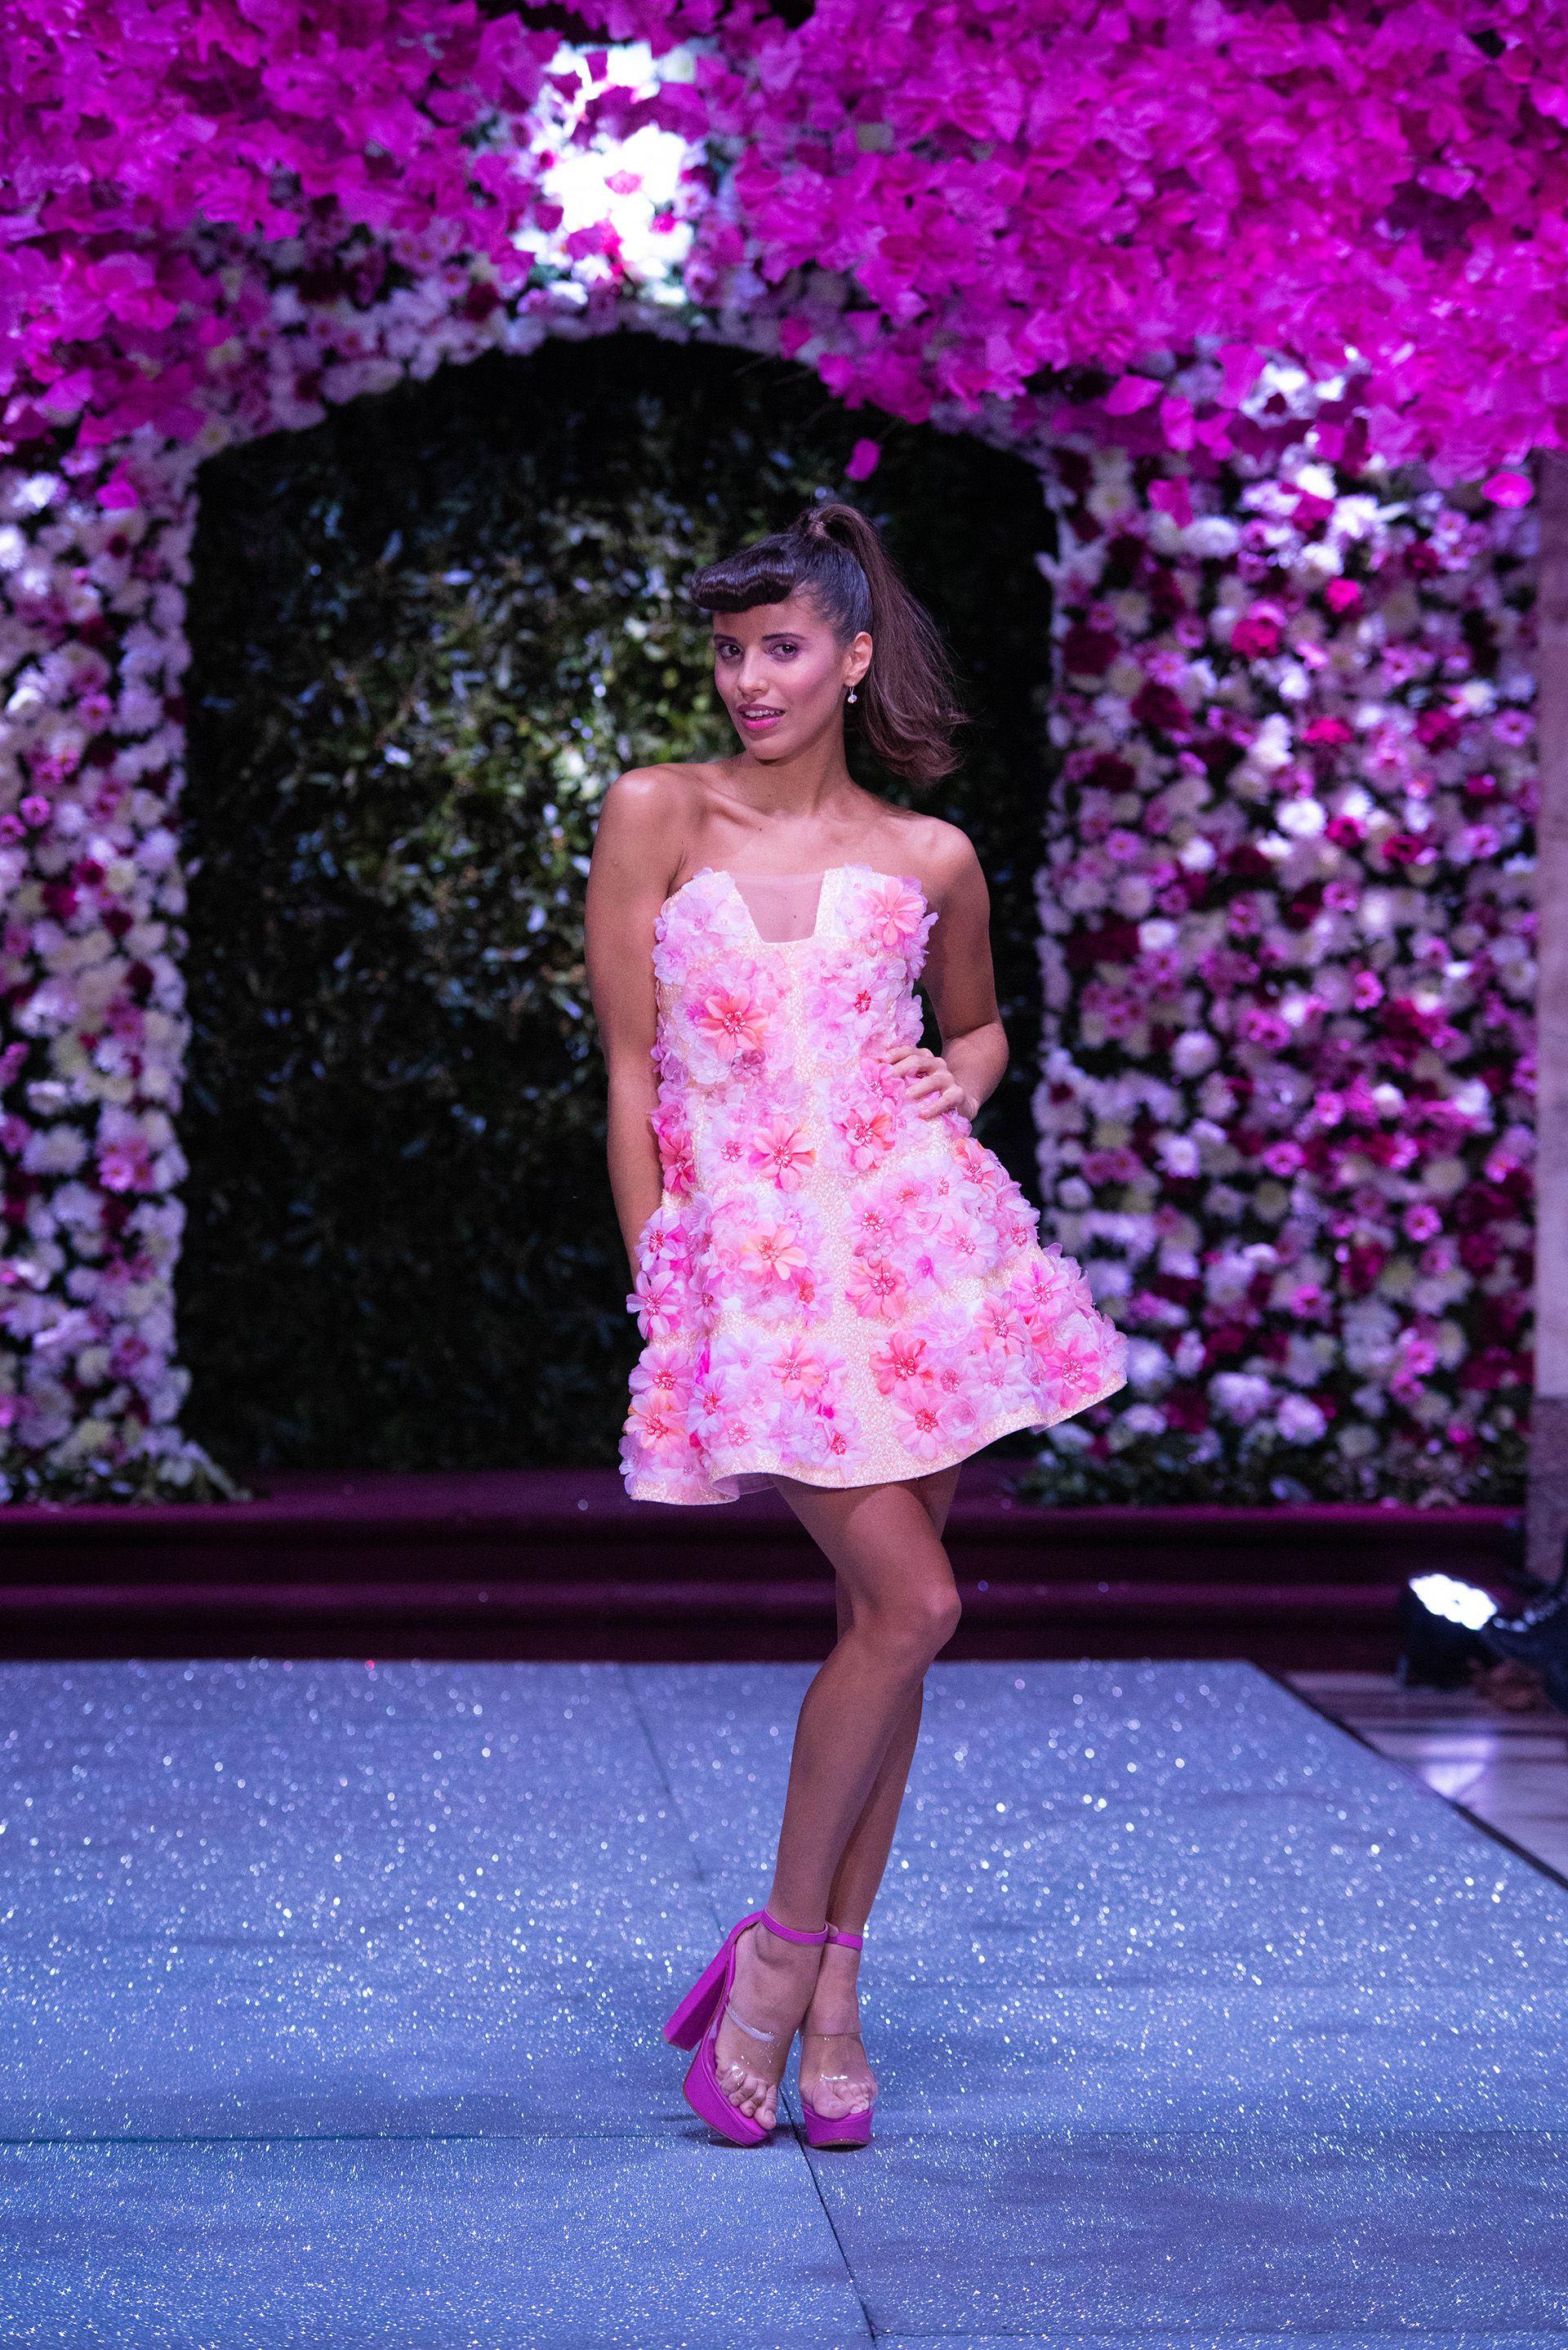 """La modelo Taina Laurino con un diseño strapless al estilo """"flower power"""" con flores realizadas a mano y bordadas sobre el vestido de la nueva colección de verano. Taina fue ovacionada por su madre y todos los presentes del salón"""